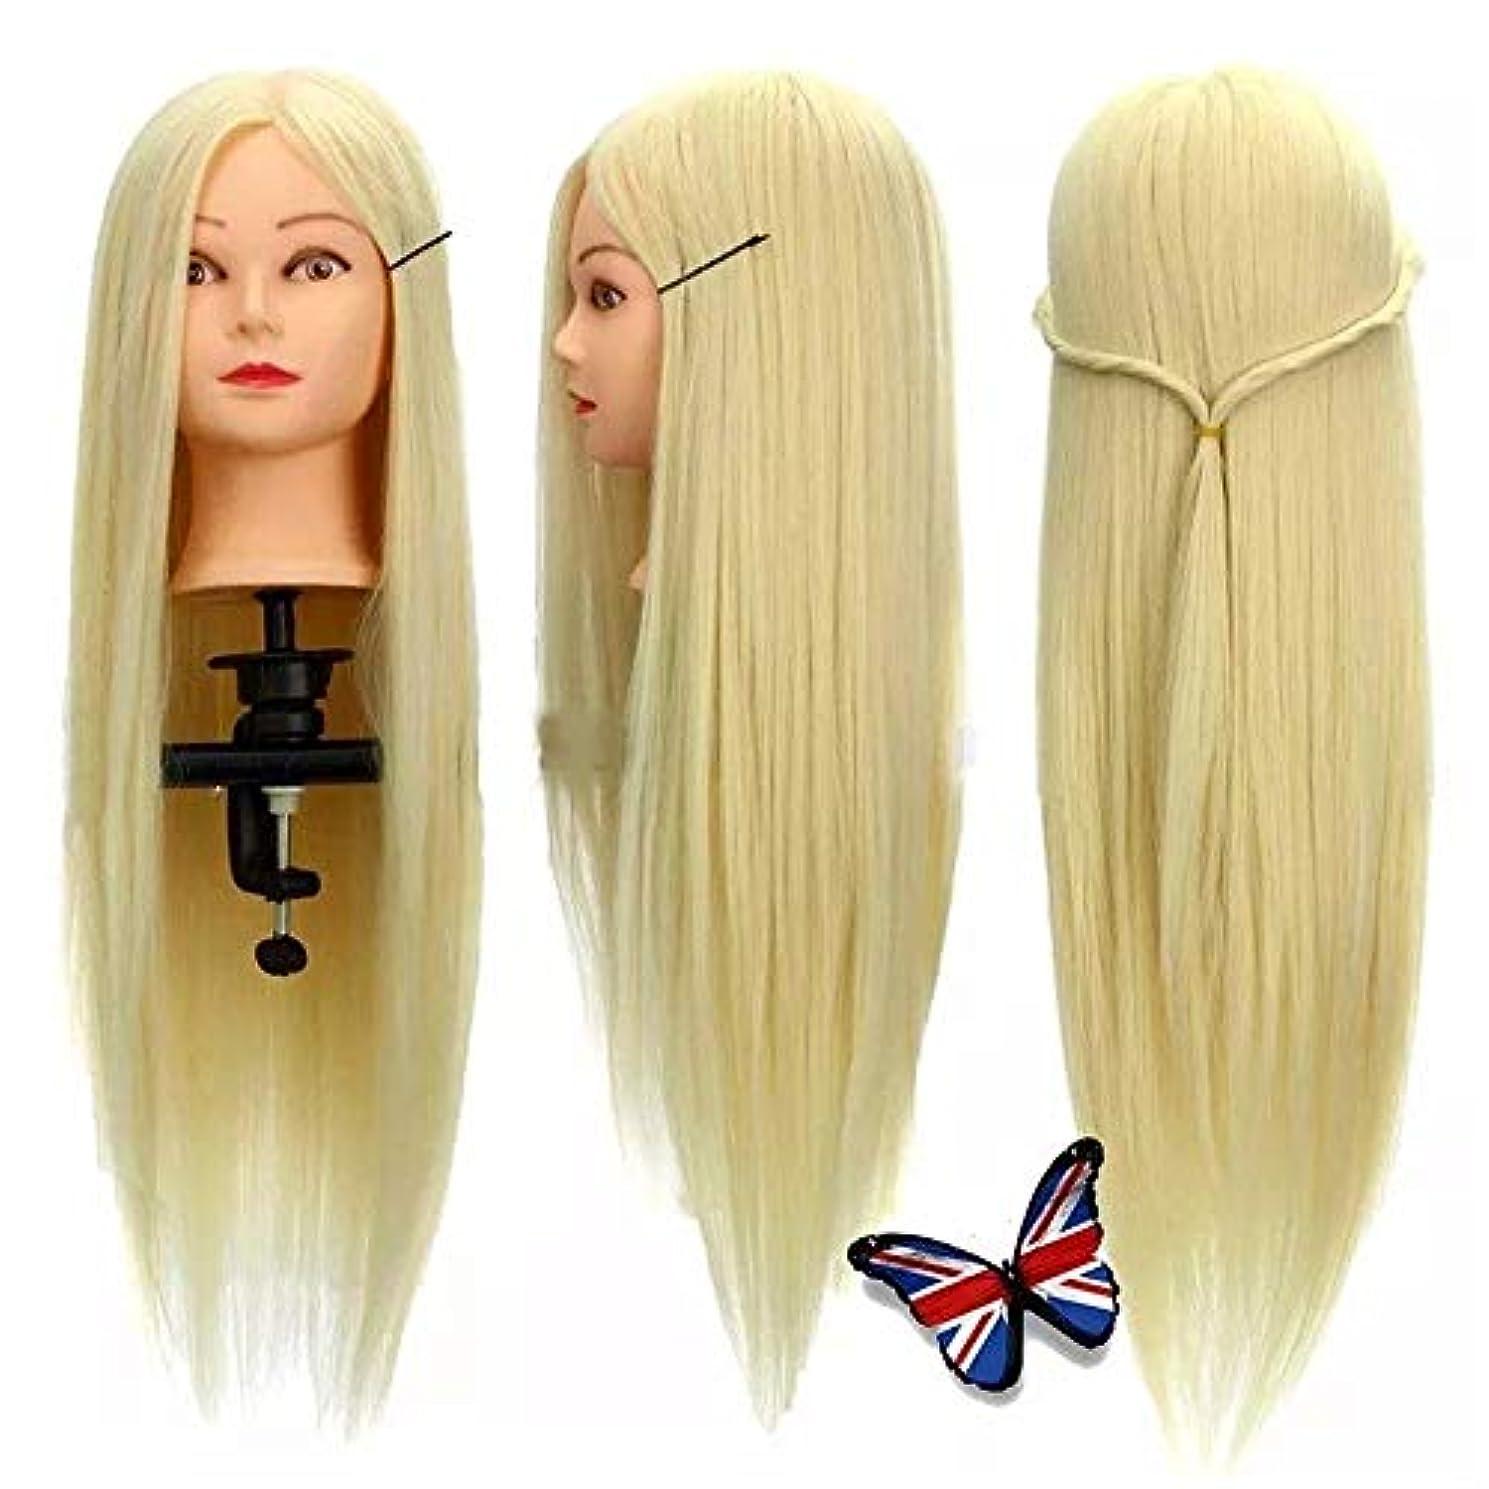 メールセーター事件、出来事ヘアマネキンヘッド 30%の本物の人間の髪の毛のトレーニング頭部サロン理髪カットマネキンでクランプでクランプホルダ ヘア理髪トレーニングモデル付き (色 : Blonde, サイズ : As picture shows)